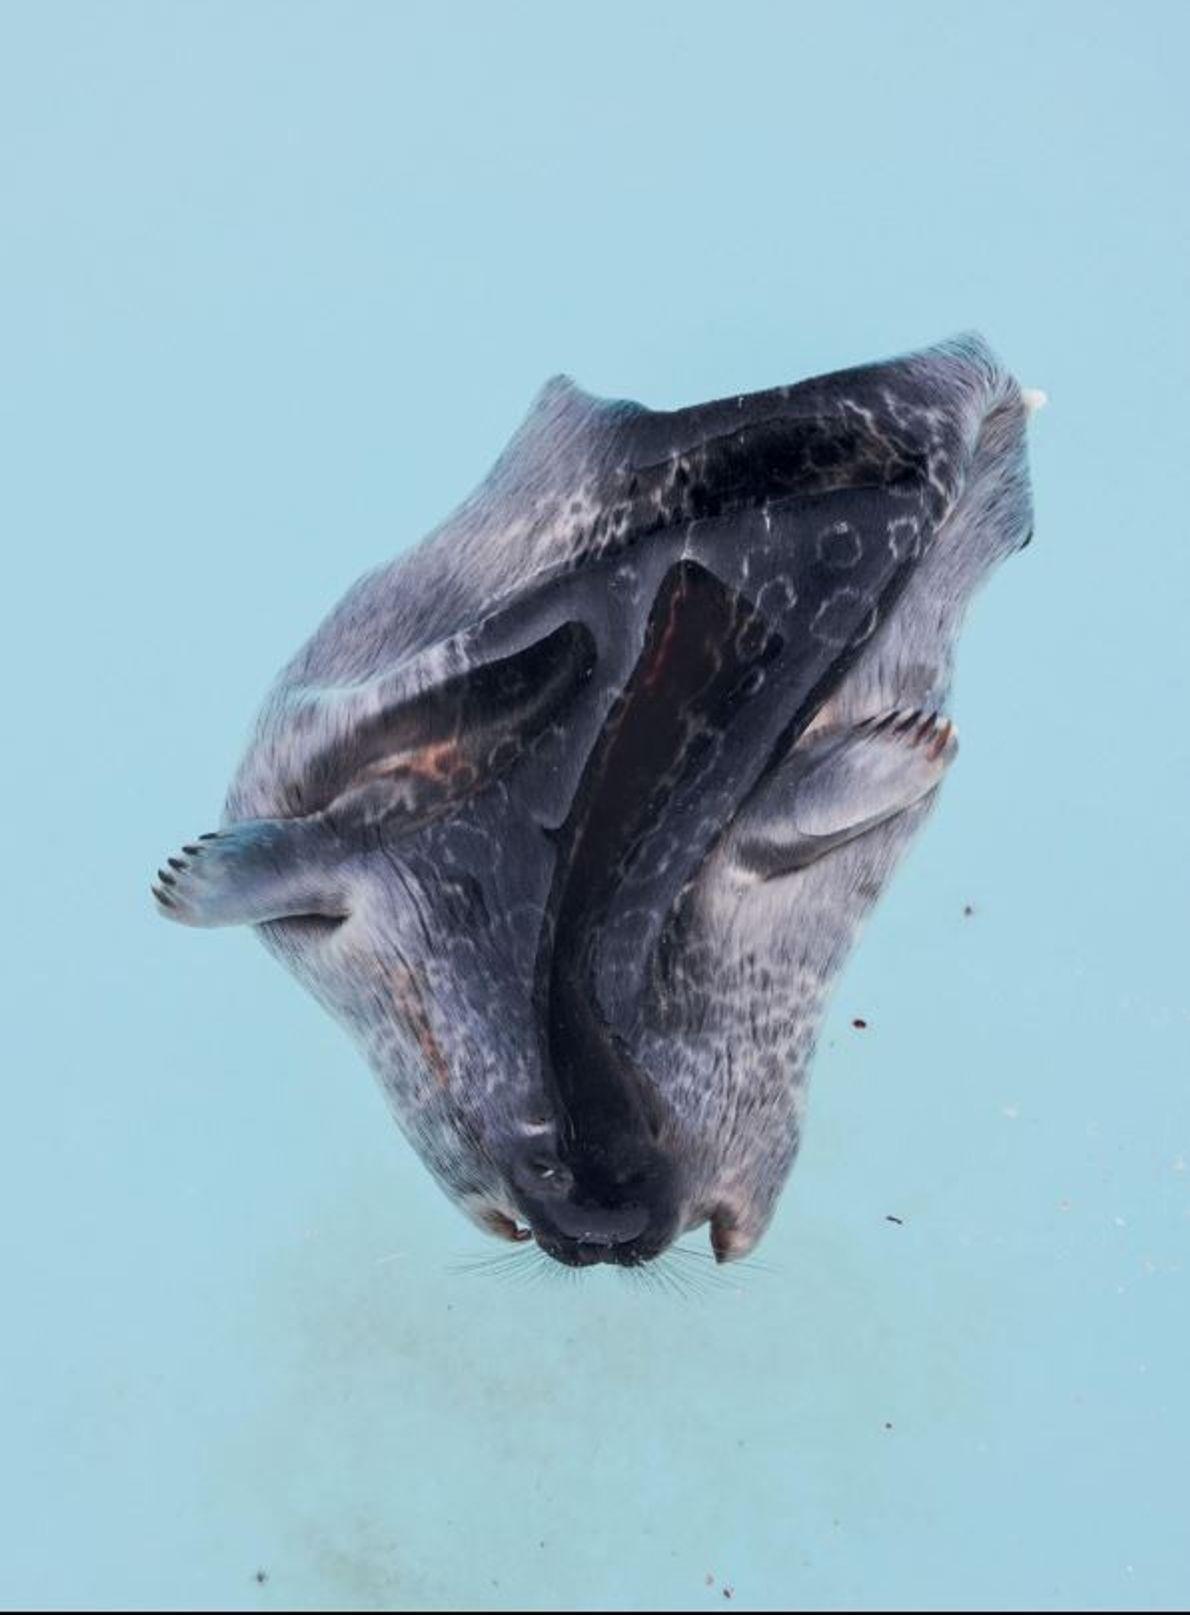 La chasse au phoque fait partie intégrante de la vie des Inuits. La peau, comme celle-ci ...